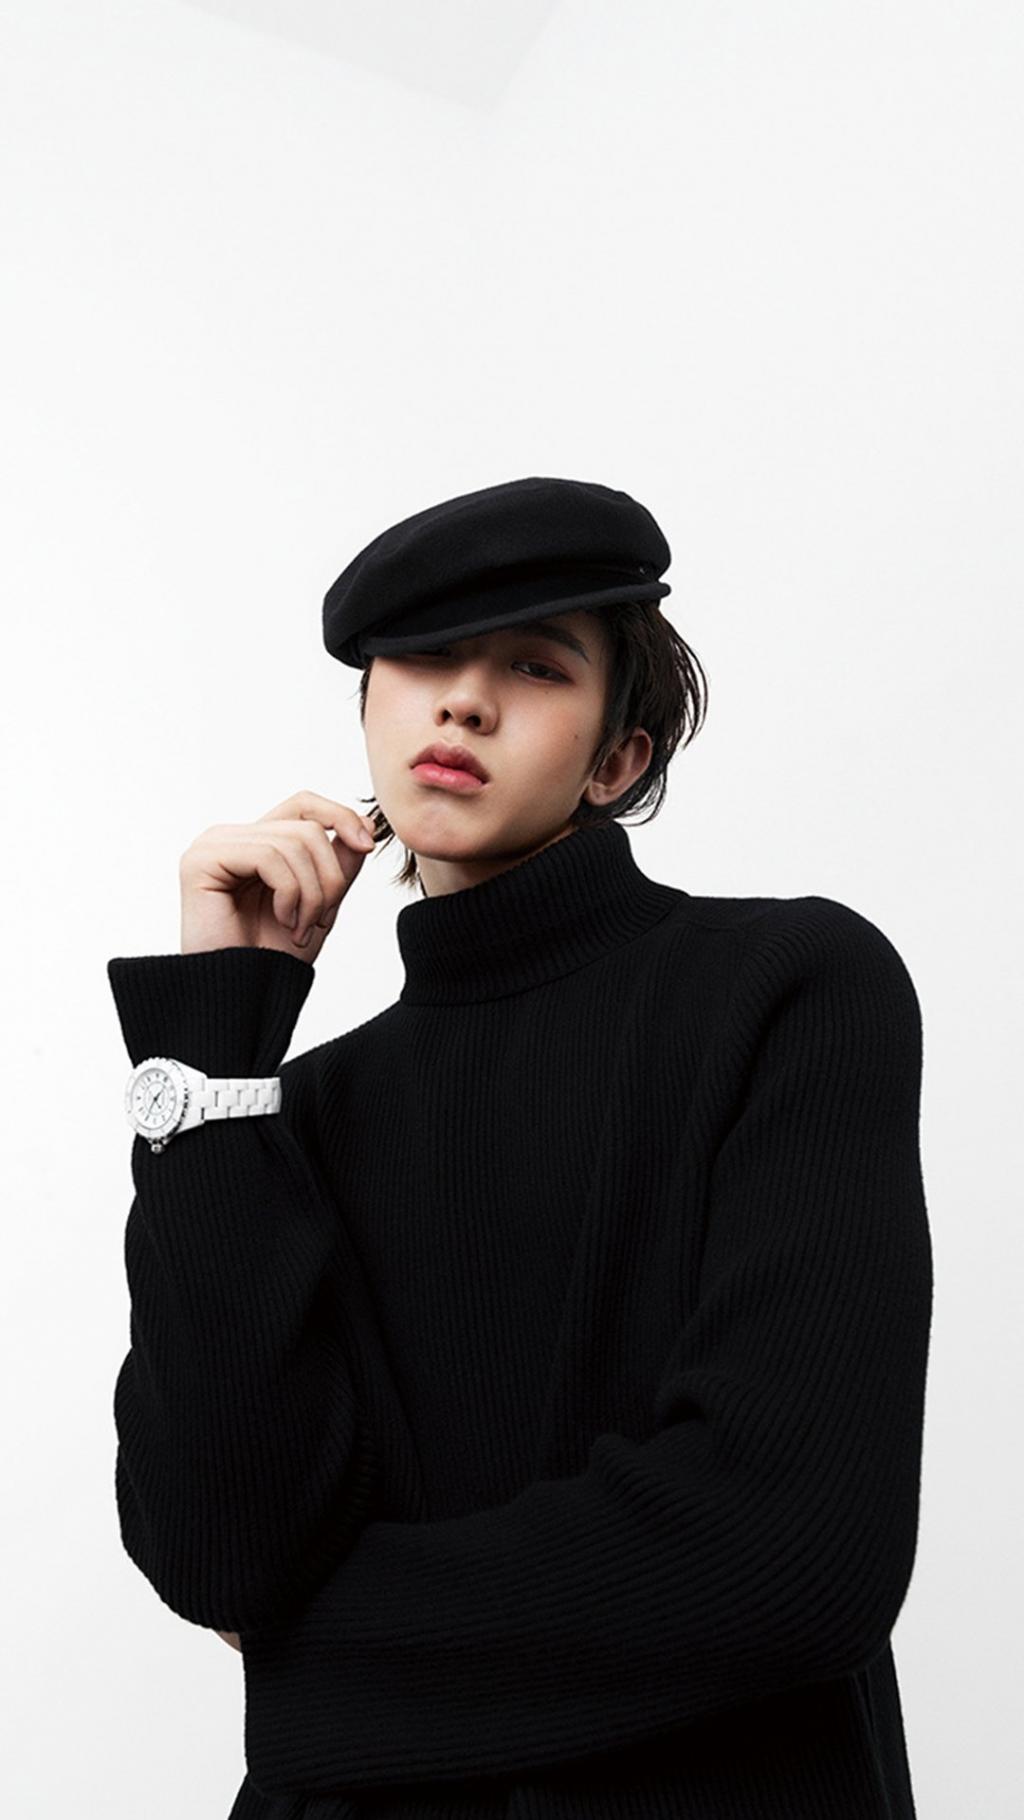 小鲜肉蔡徐坤时尚写真